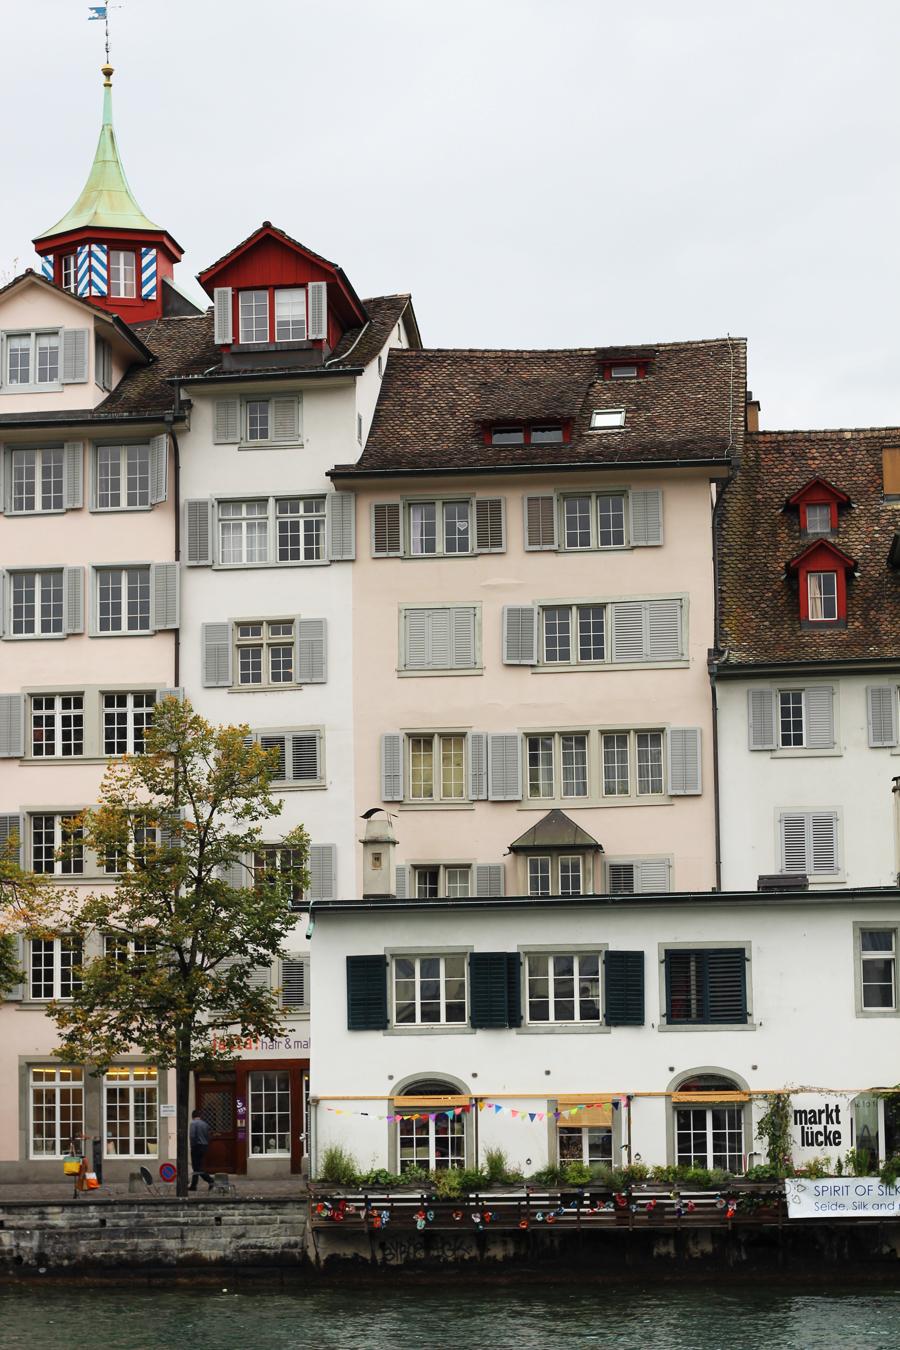 Zurich Switzerland buildings